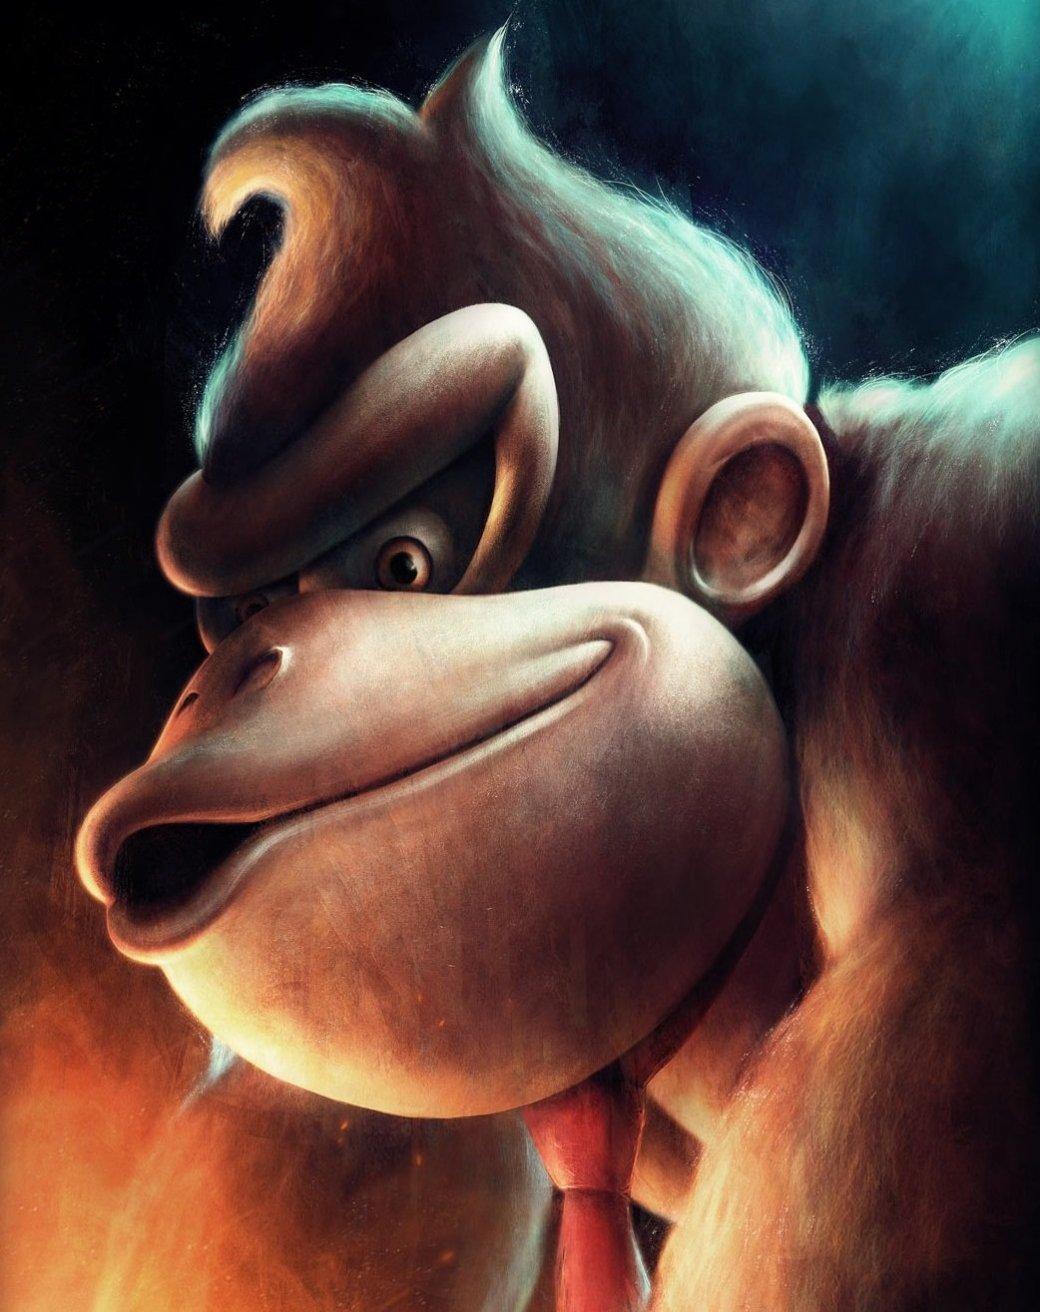 Композитор Donkey Kong: «Люди очень требовательны к видеоиграм» - Изображение 3